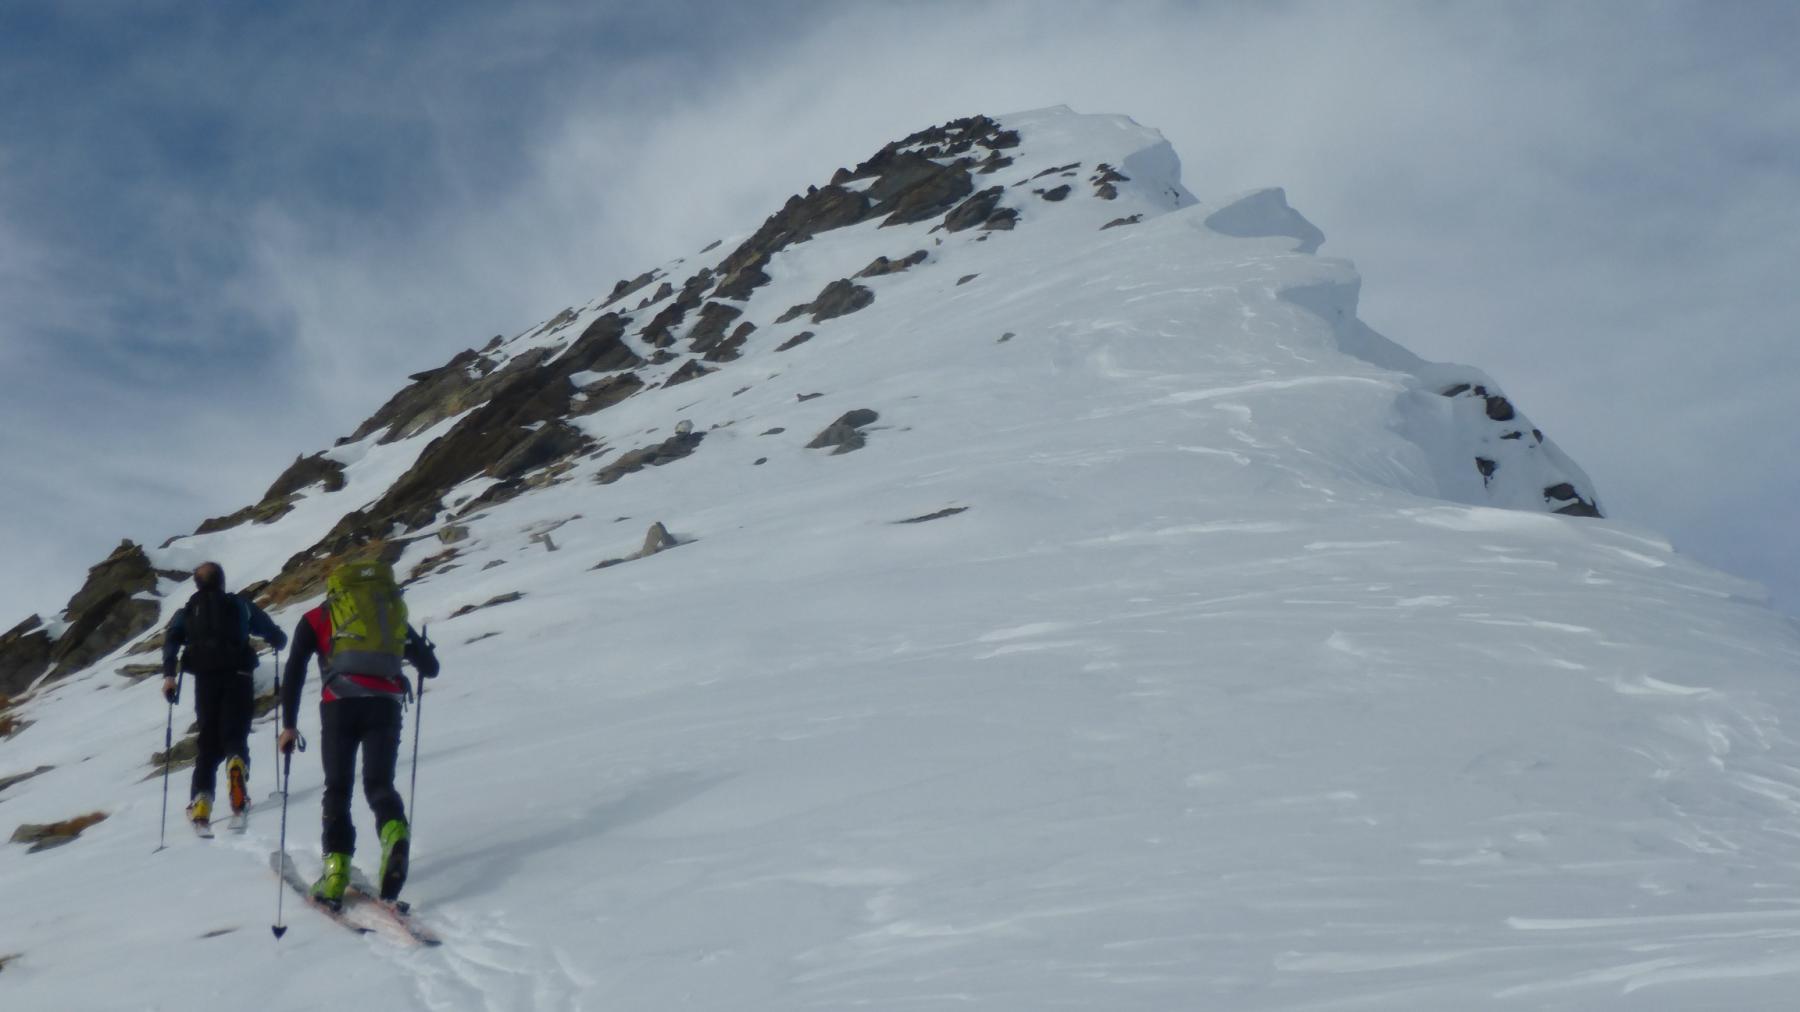 ultimo tratto con gli sci prima della cima